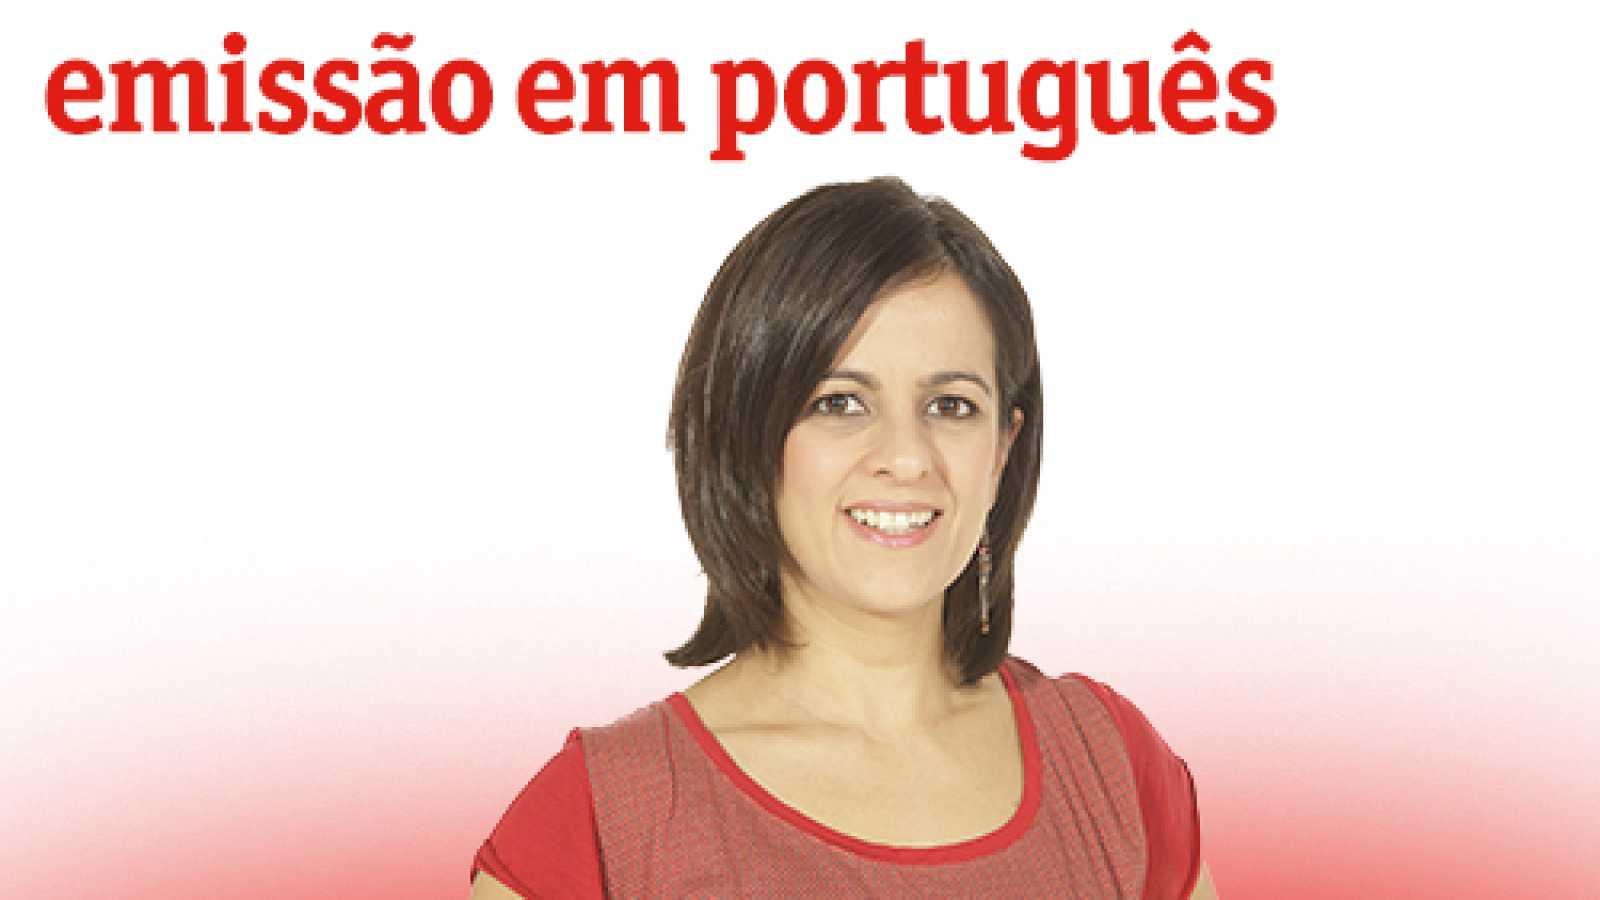 Emissão em português - Chilenos dão adeus à Constituição, herança da ditadura - 27/10/20 - escuchar ahora